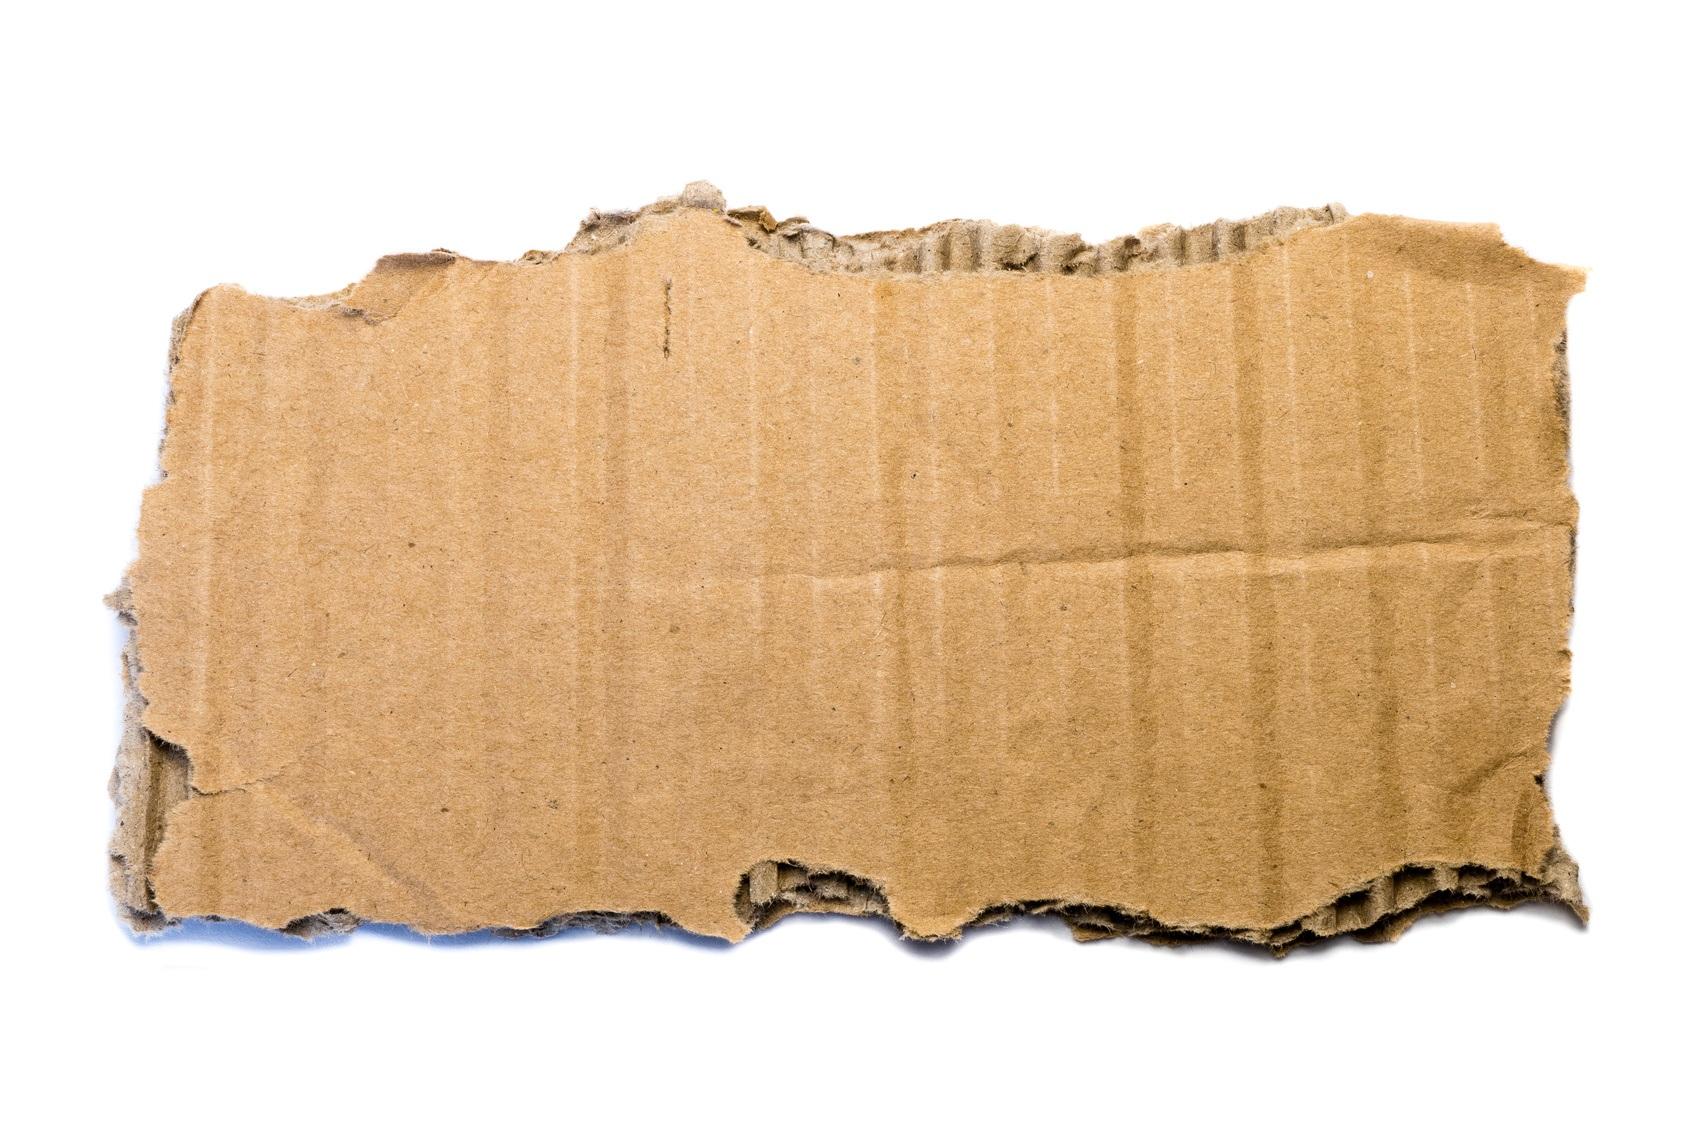 Berstfestigkeit - Qualitätsmerkmal von Pappe - BST, BWS ...